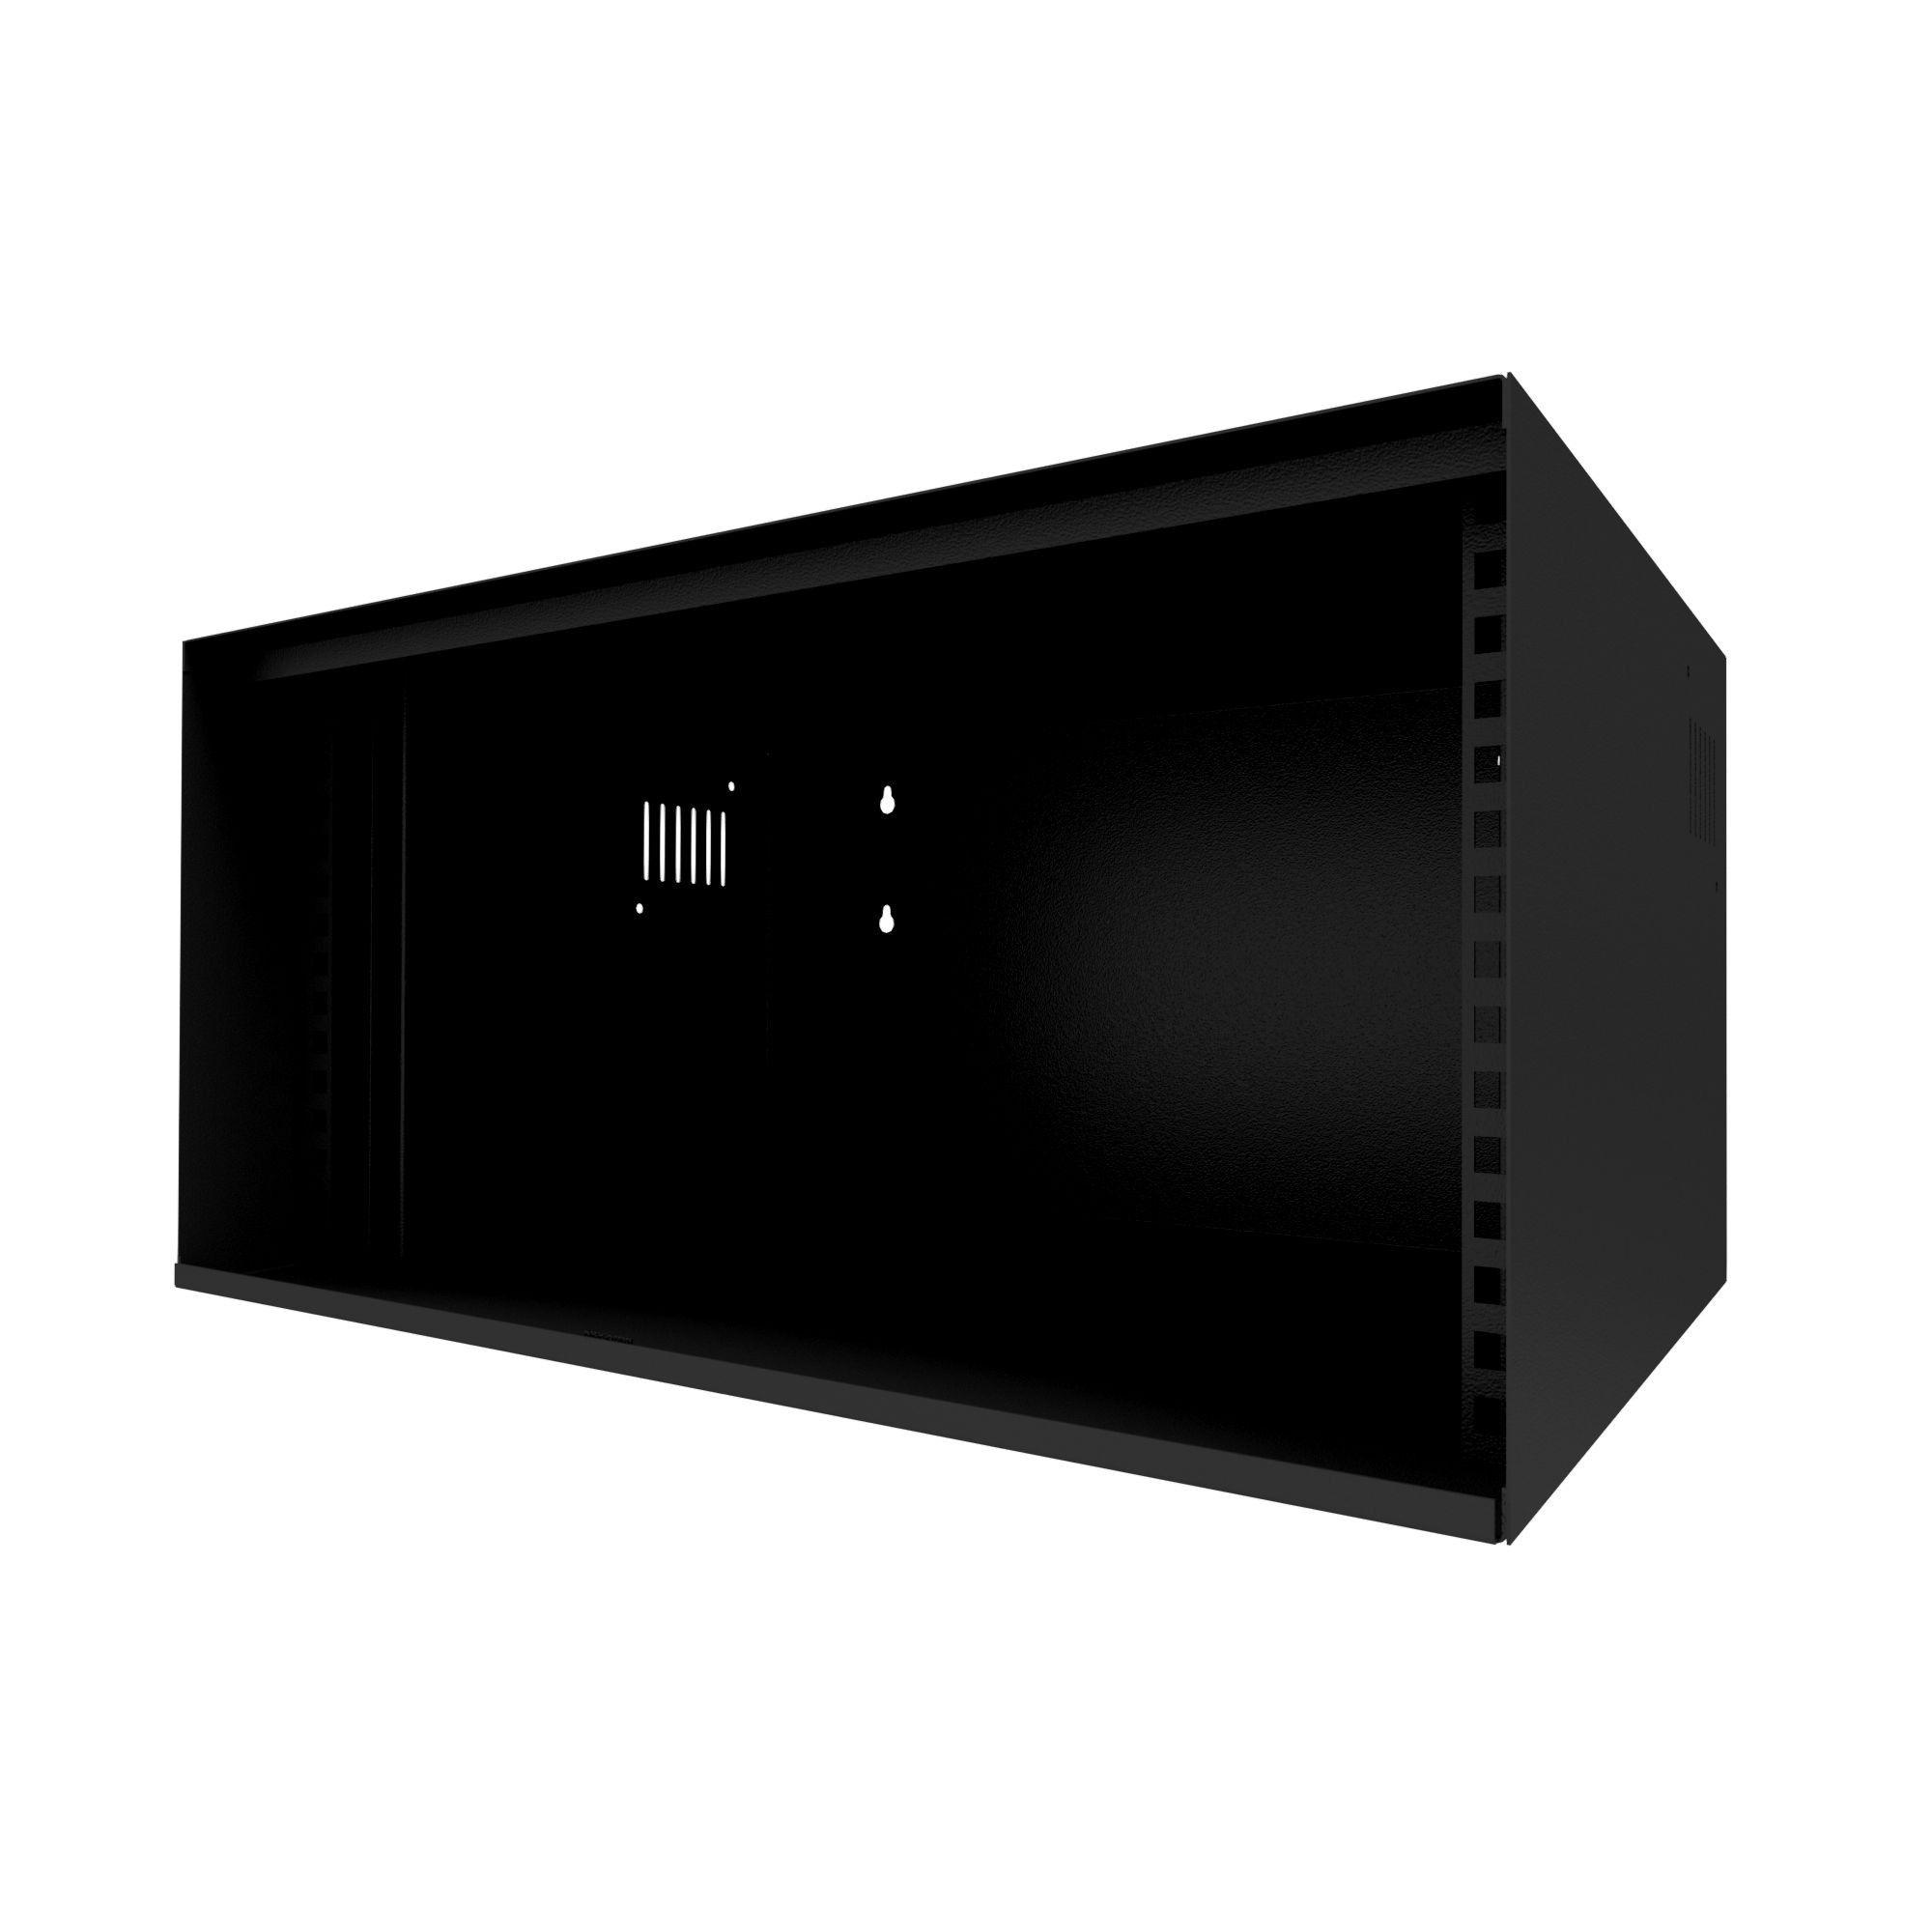 Mini Rack Organizador Padrão 19 5u Fechado Onix